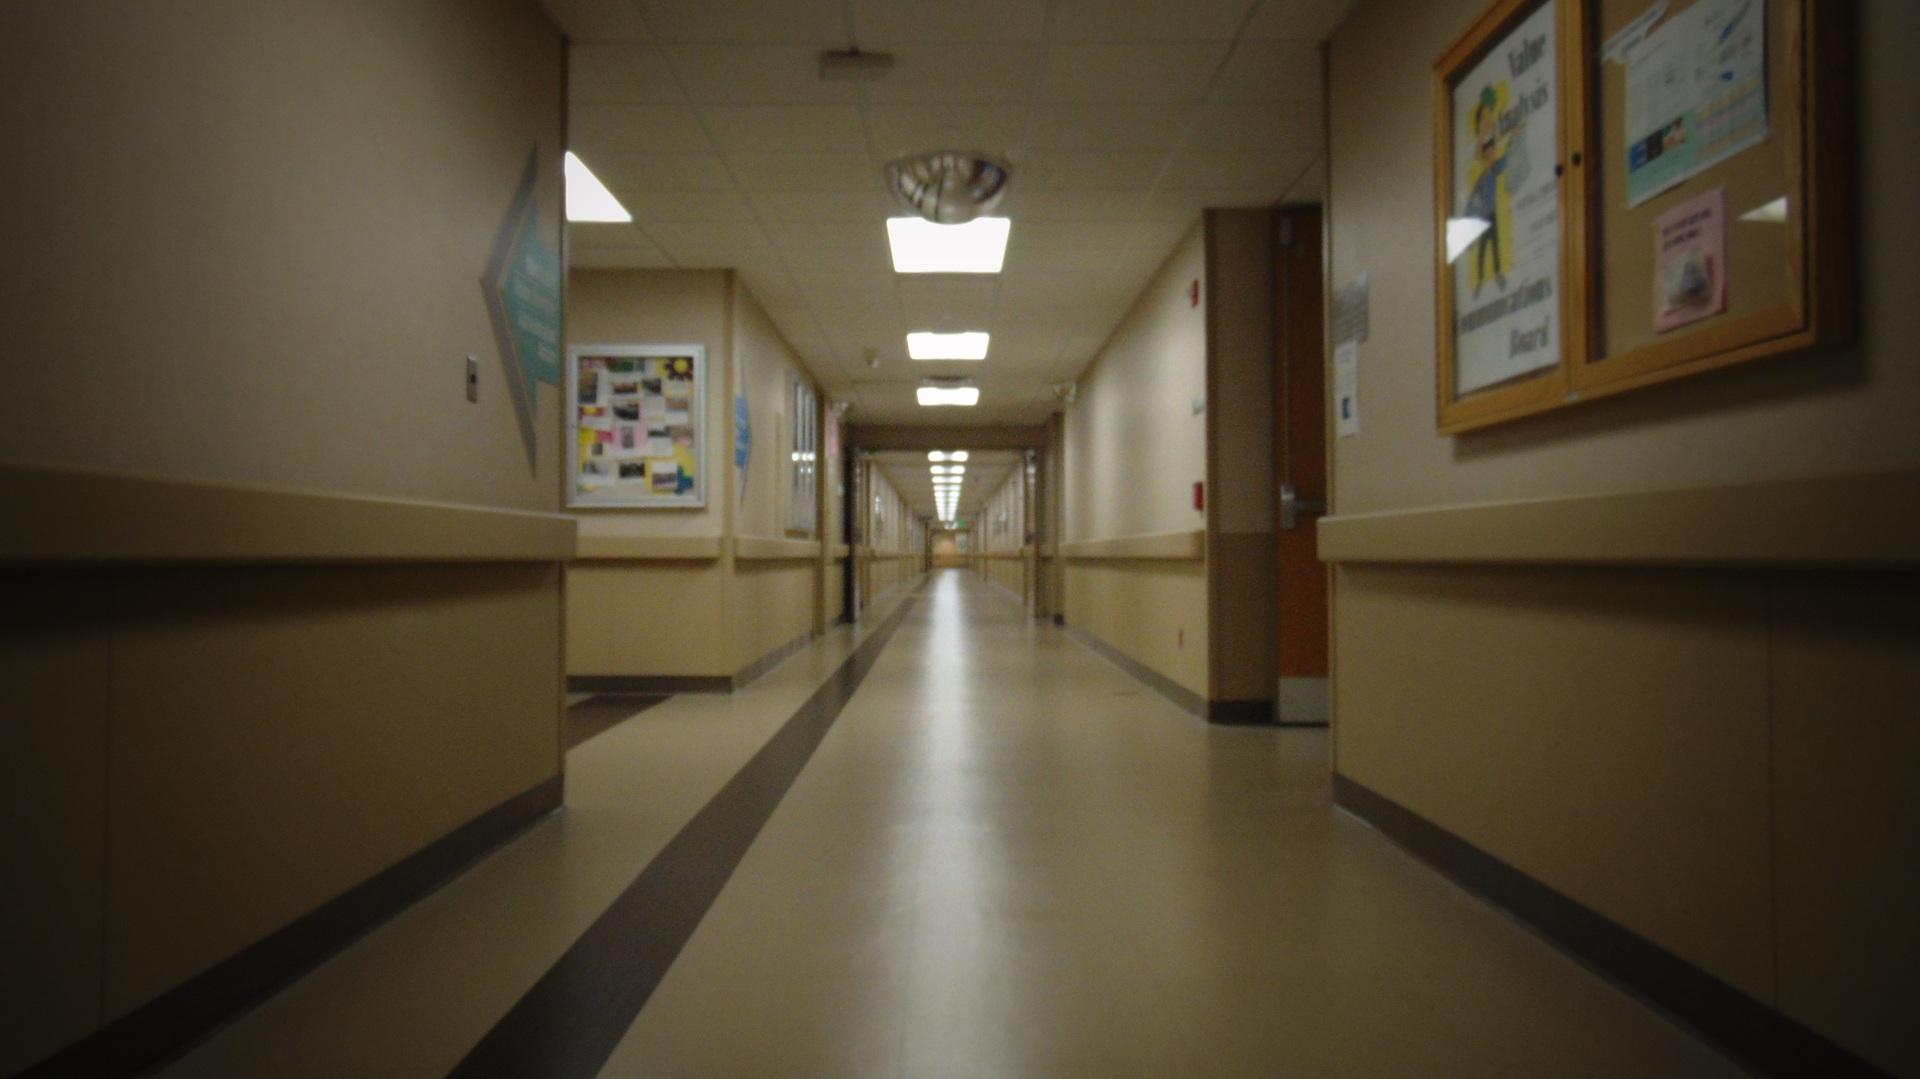 Alugar equipamentos hospitalares vale a pena?